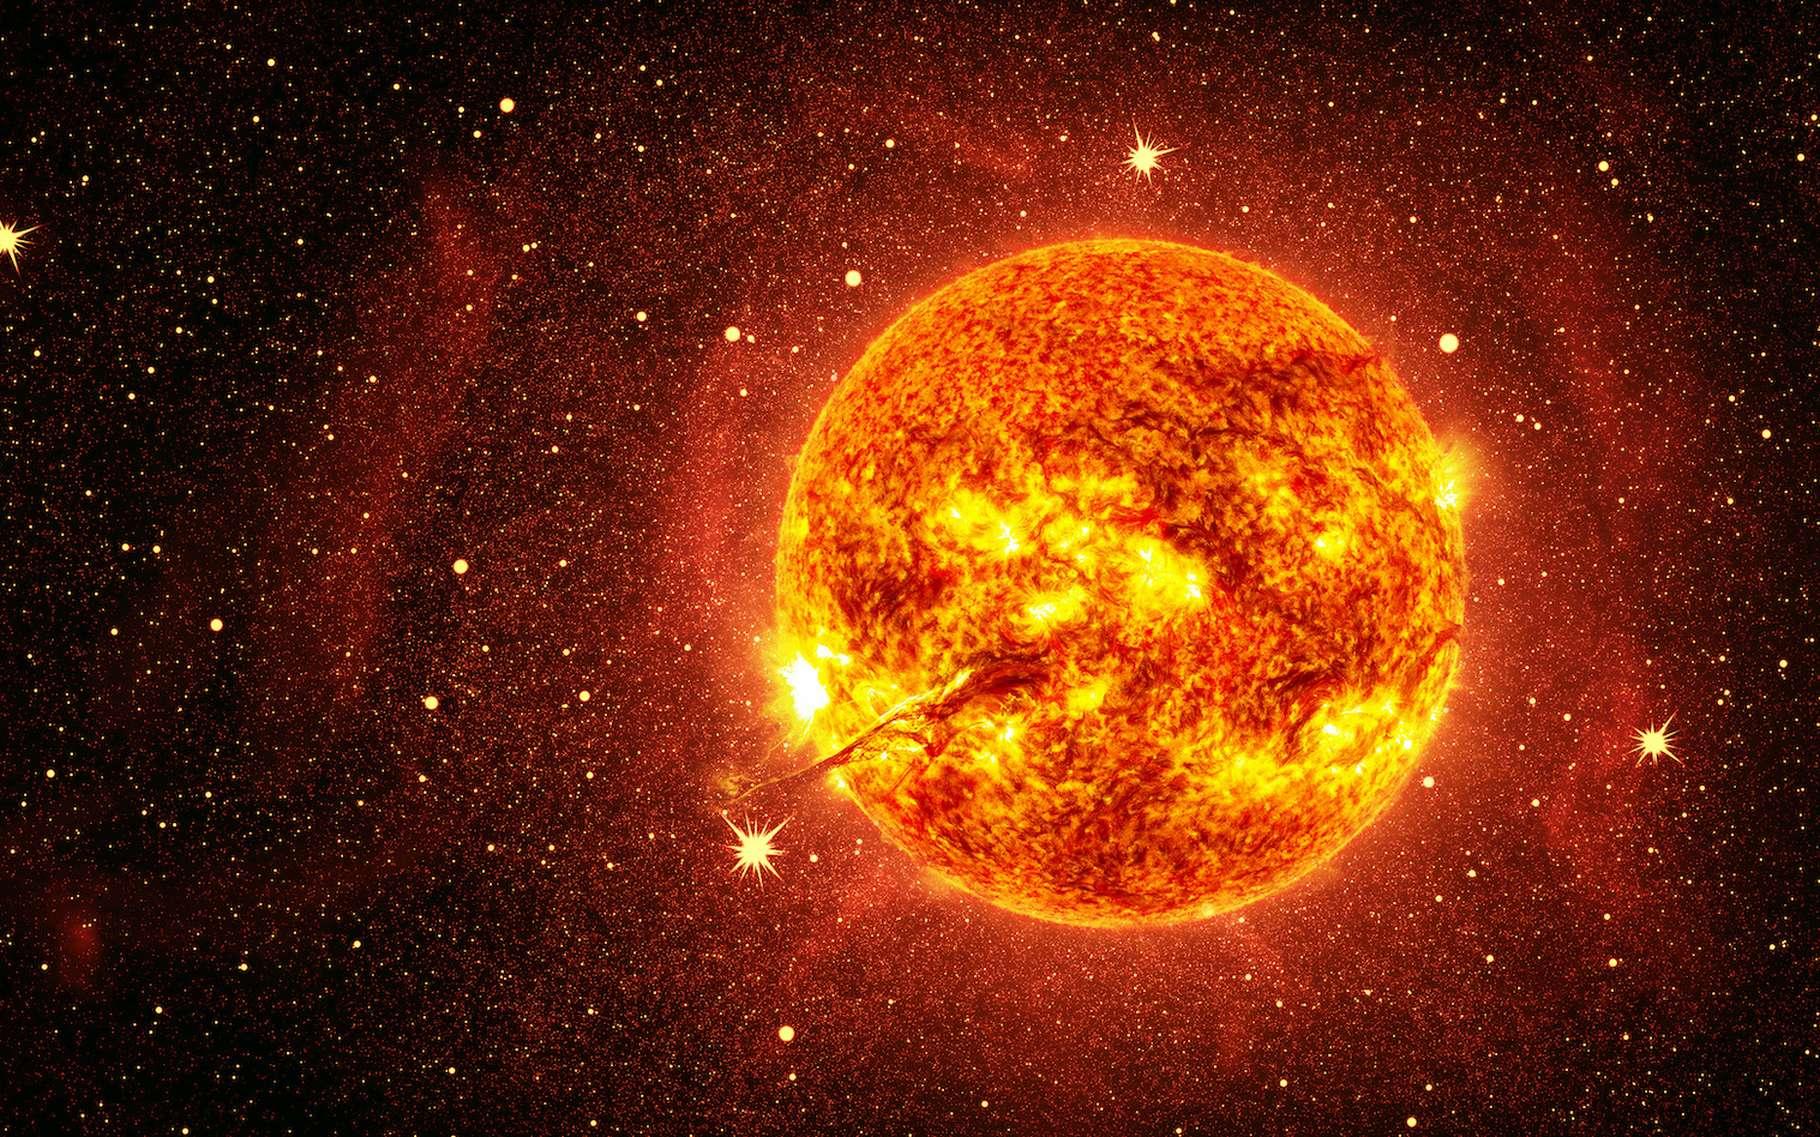 Des chercheurs du Max Planck Institute (Allemagne) ont découvert que notre Soleil est moins actif que les étoiles qui lui ressemblent. © robert, Adobe Stock